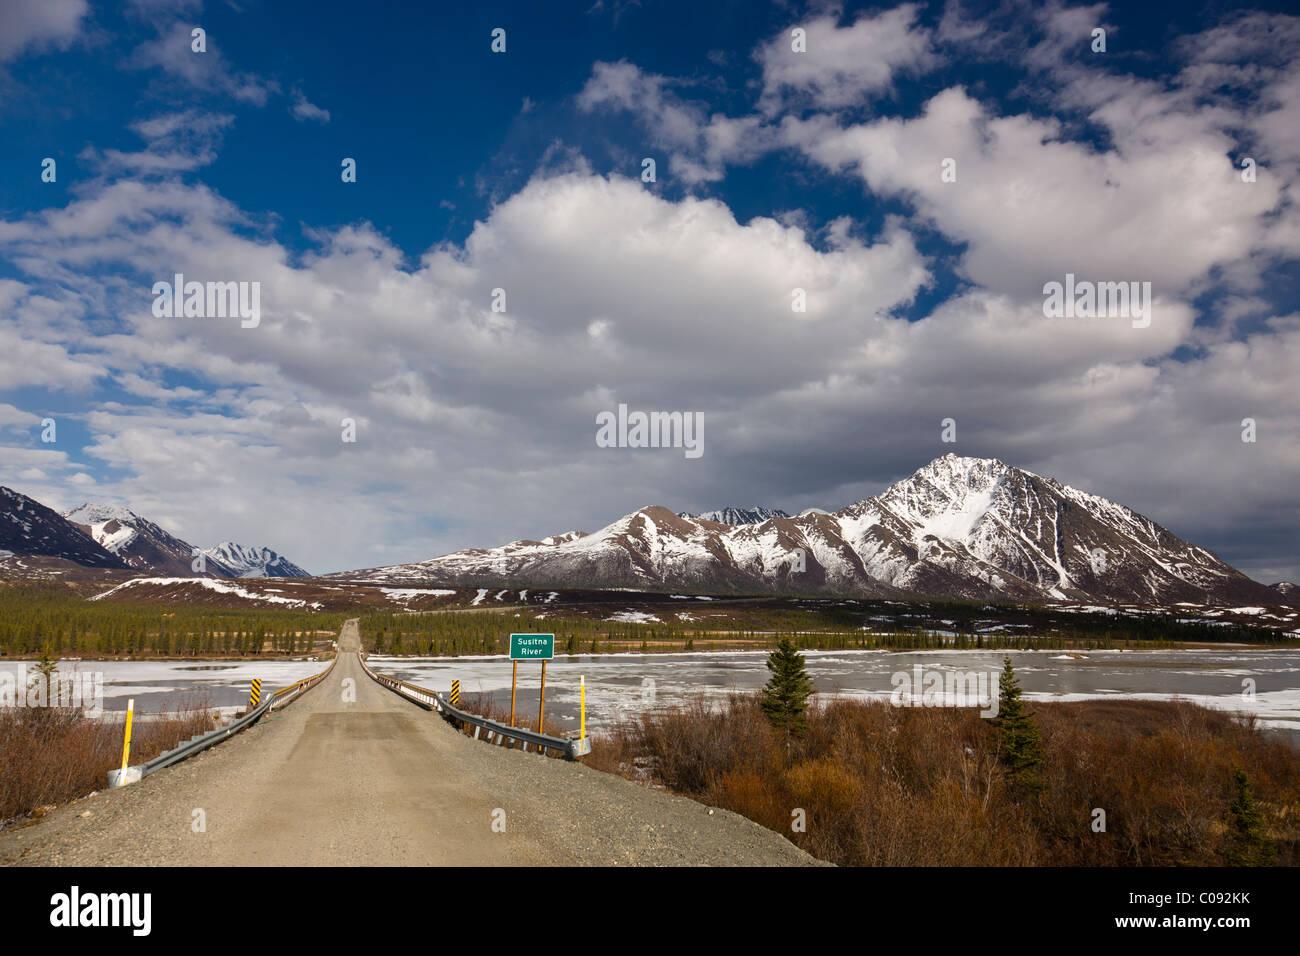 Der Denali Highway-Brücke über den Susitna River mit Clearwater Bergen im Hintergrund, Yunan Alaska, Frühjahr Stockbild